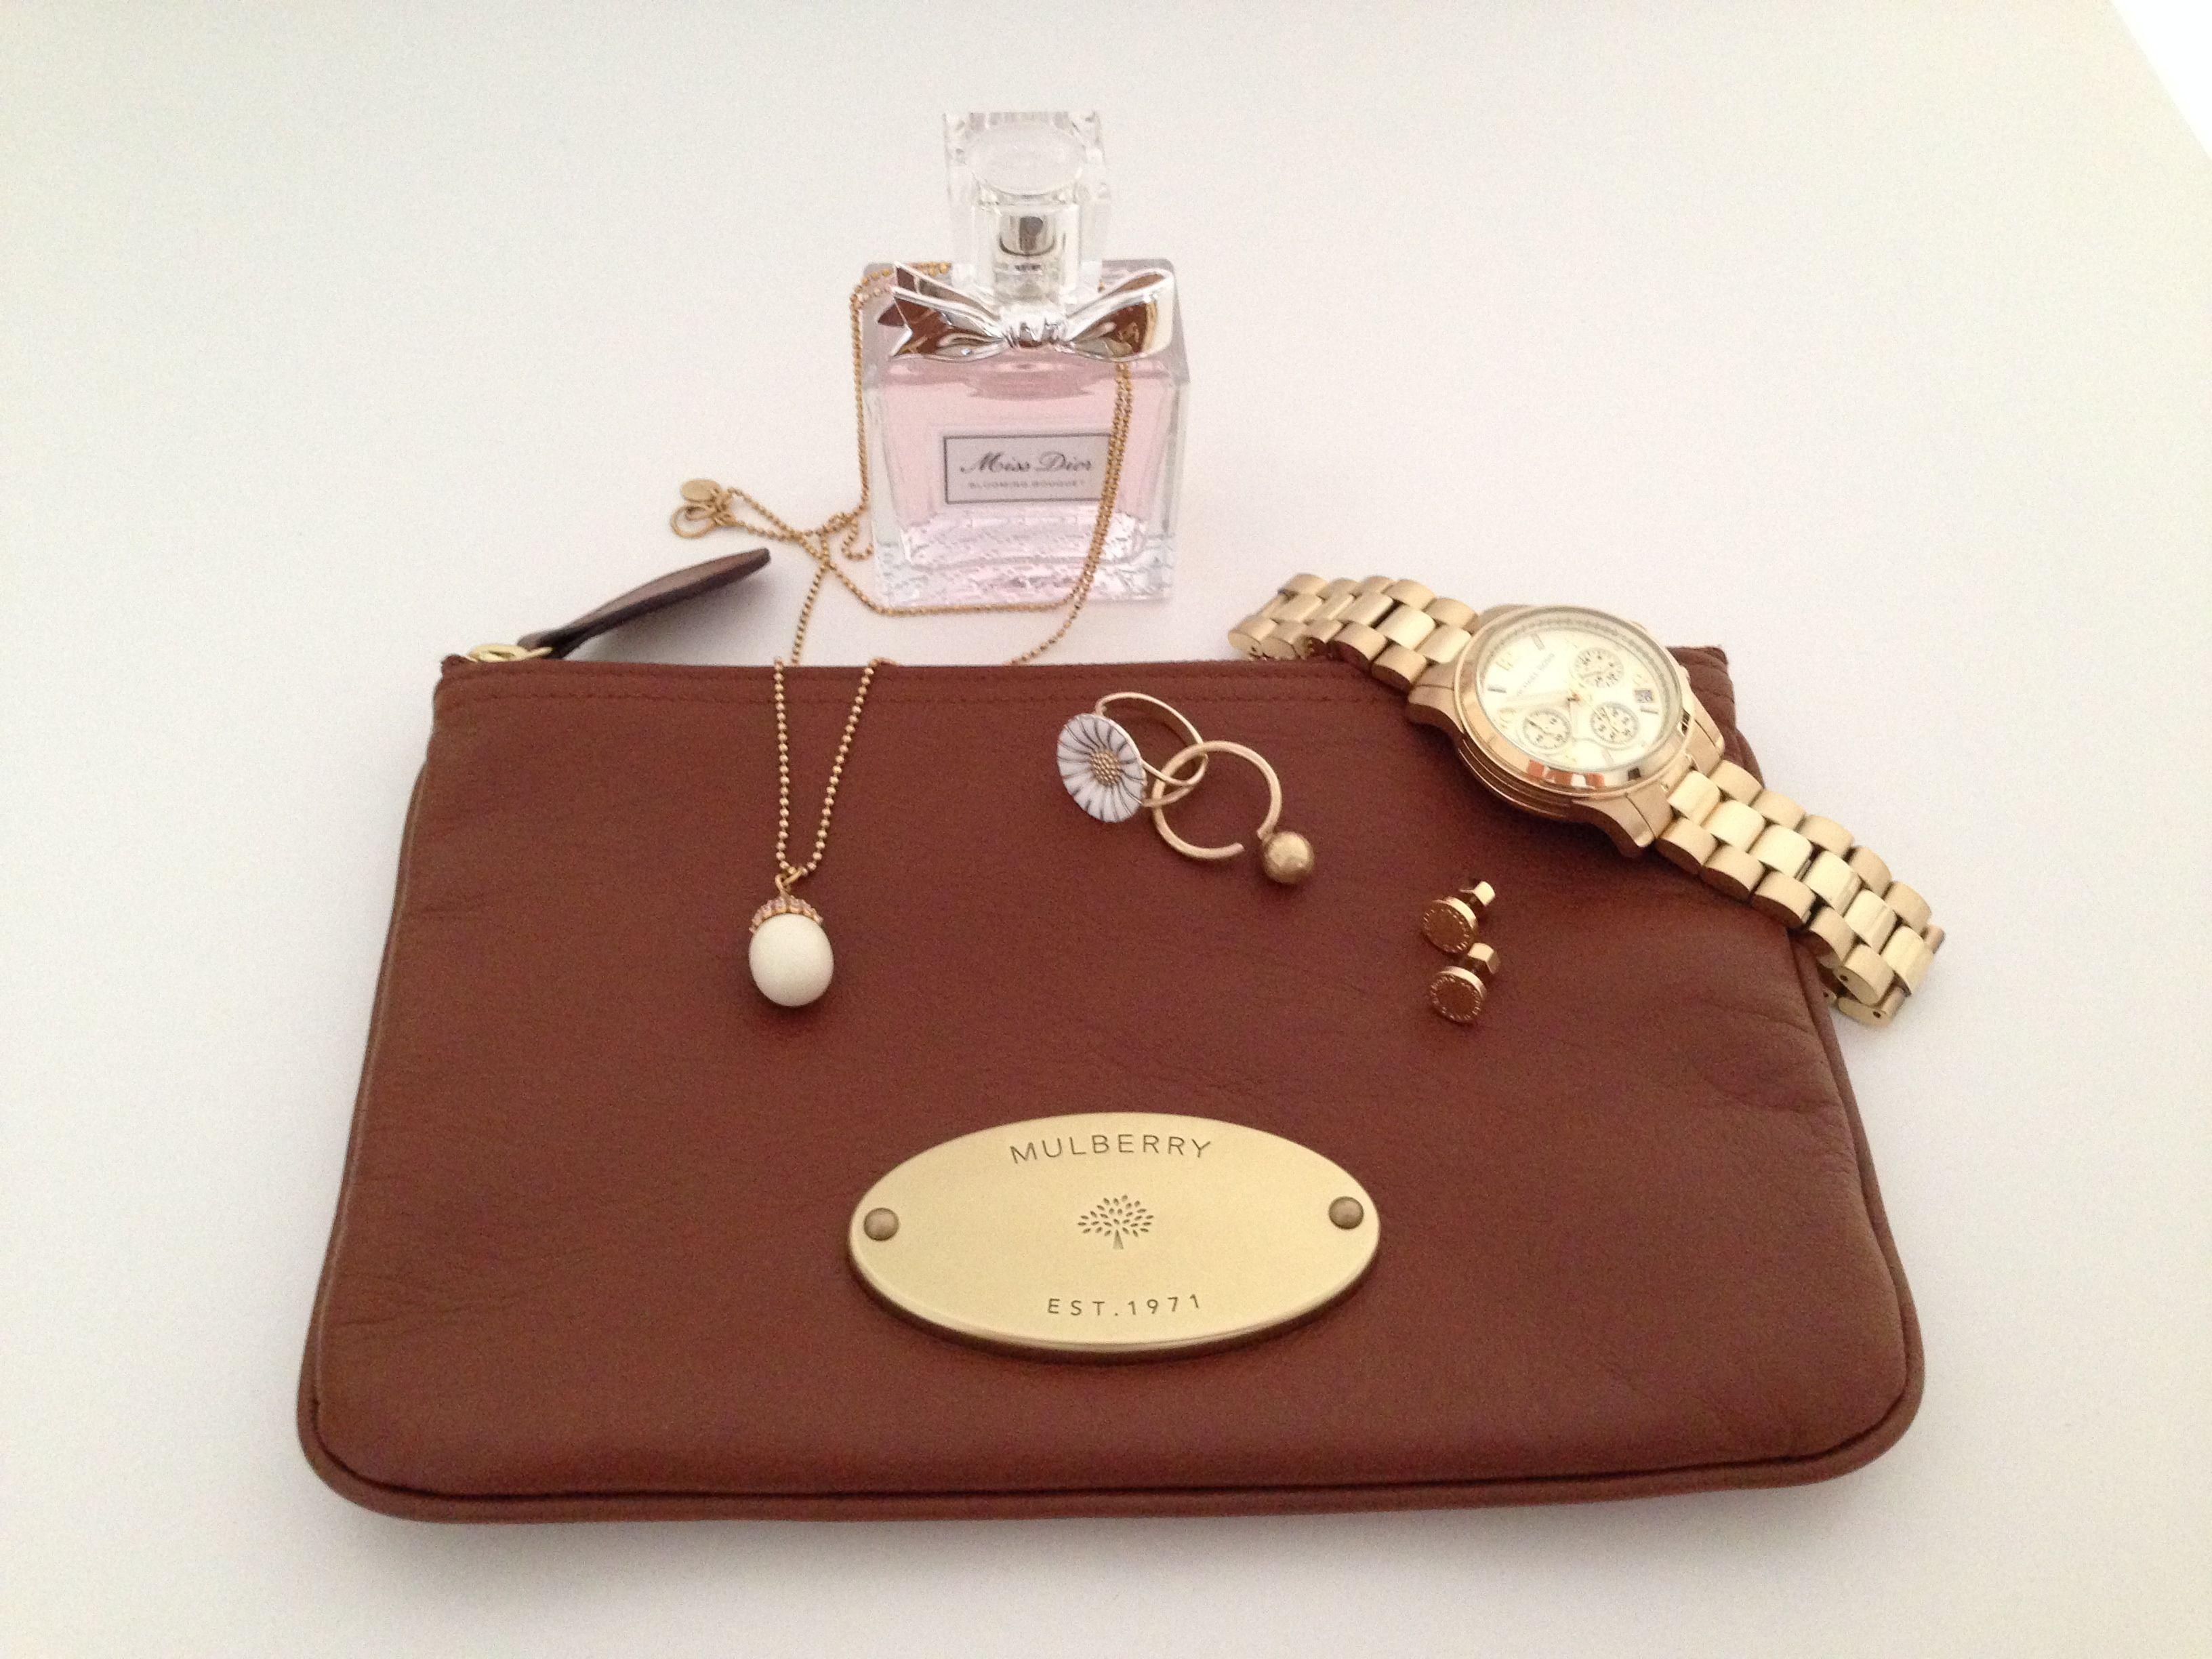 Various designer accessories